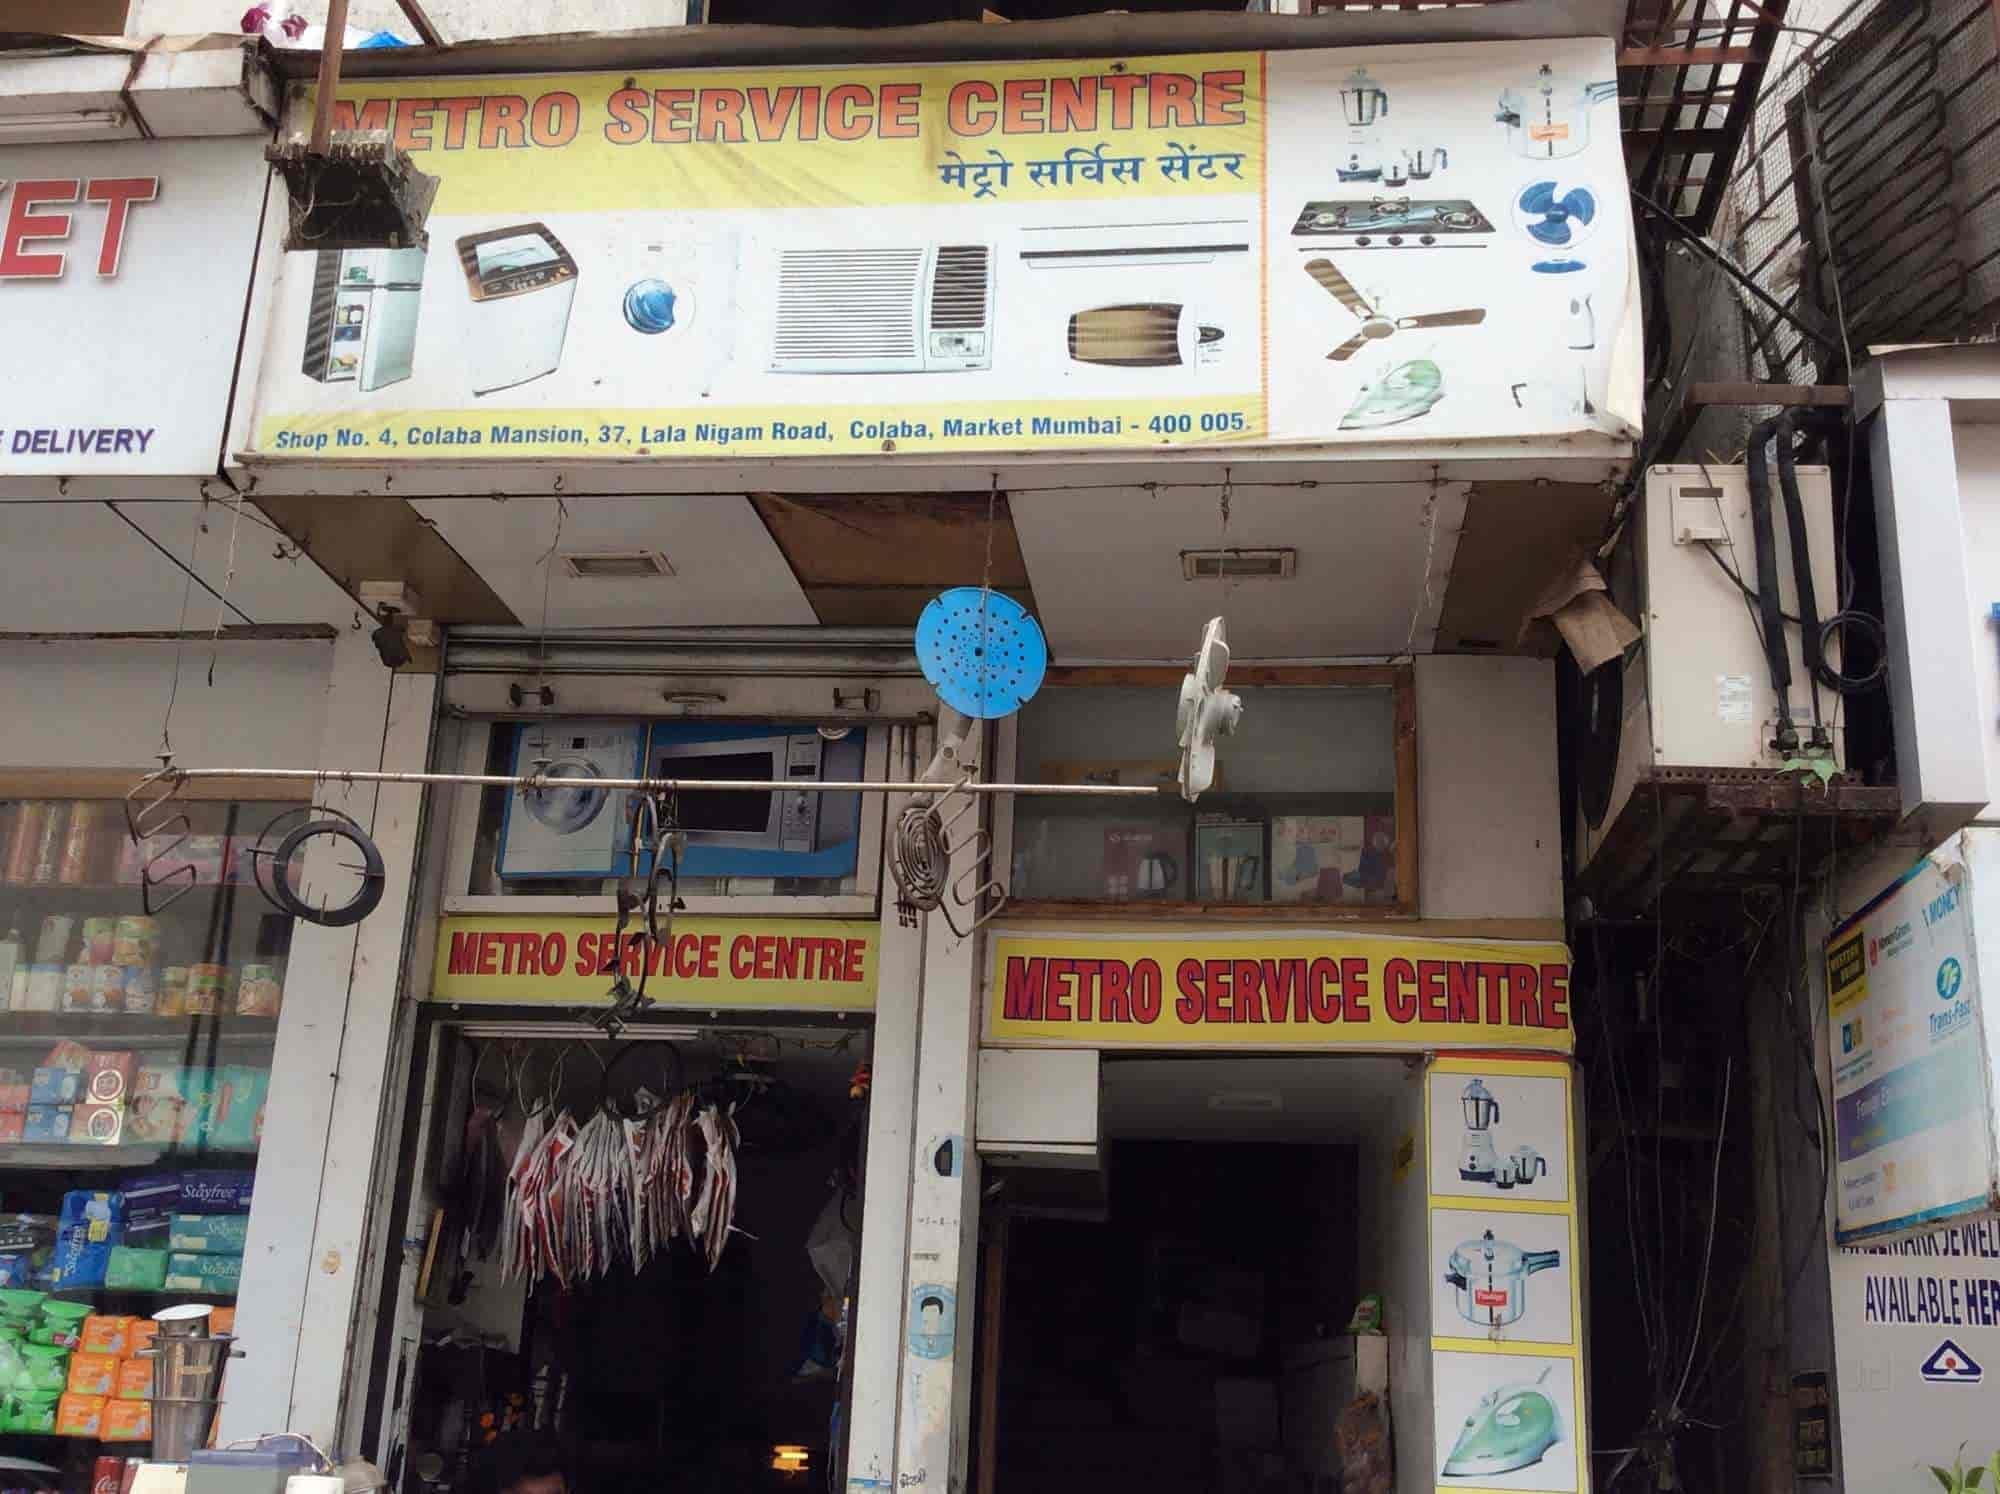 Metro Service Center >> Metro Service Center Photos Colaba Mumbai Pictures Images